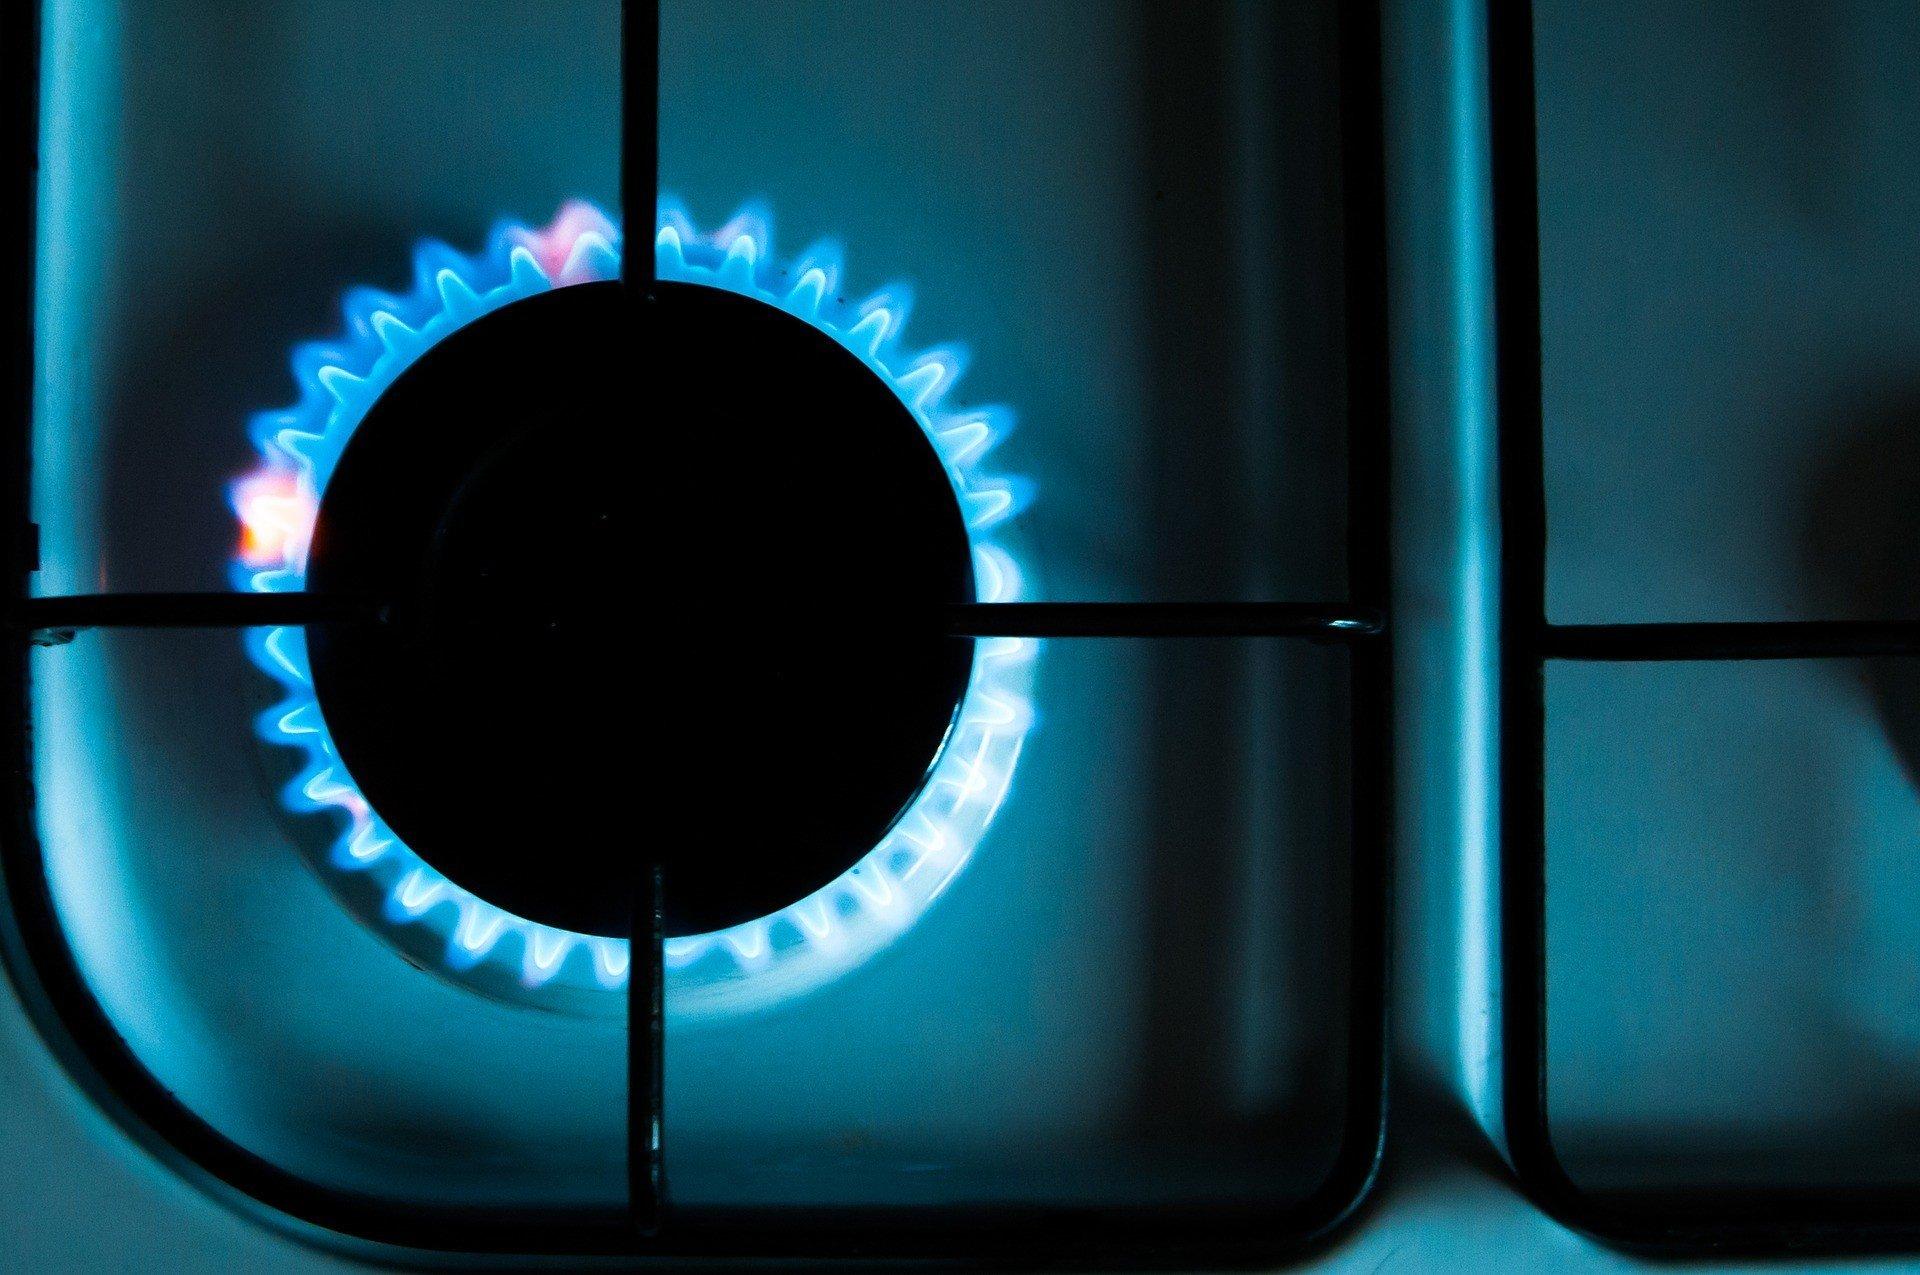 Свободный рынок газа для населения: что изменилось для энергетики в 2020